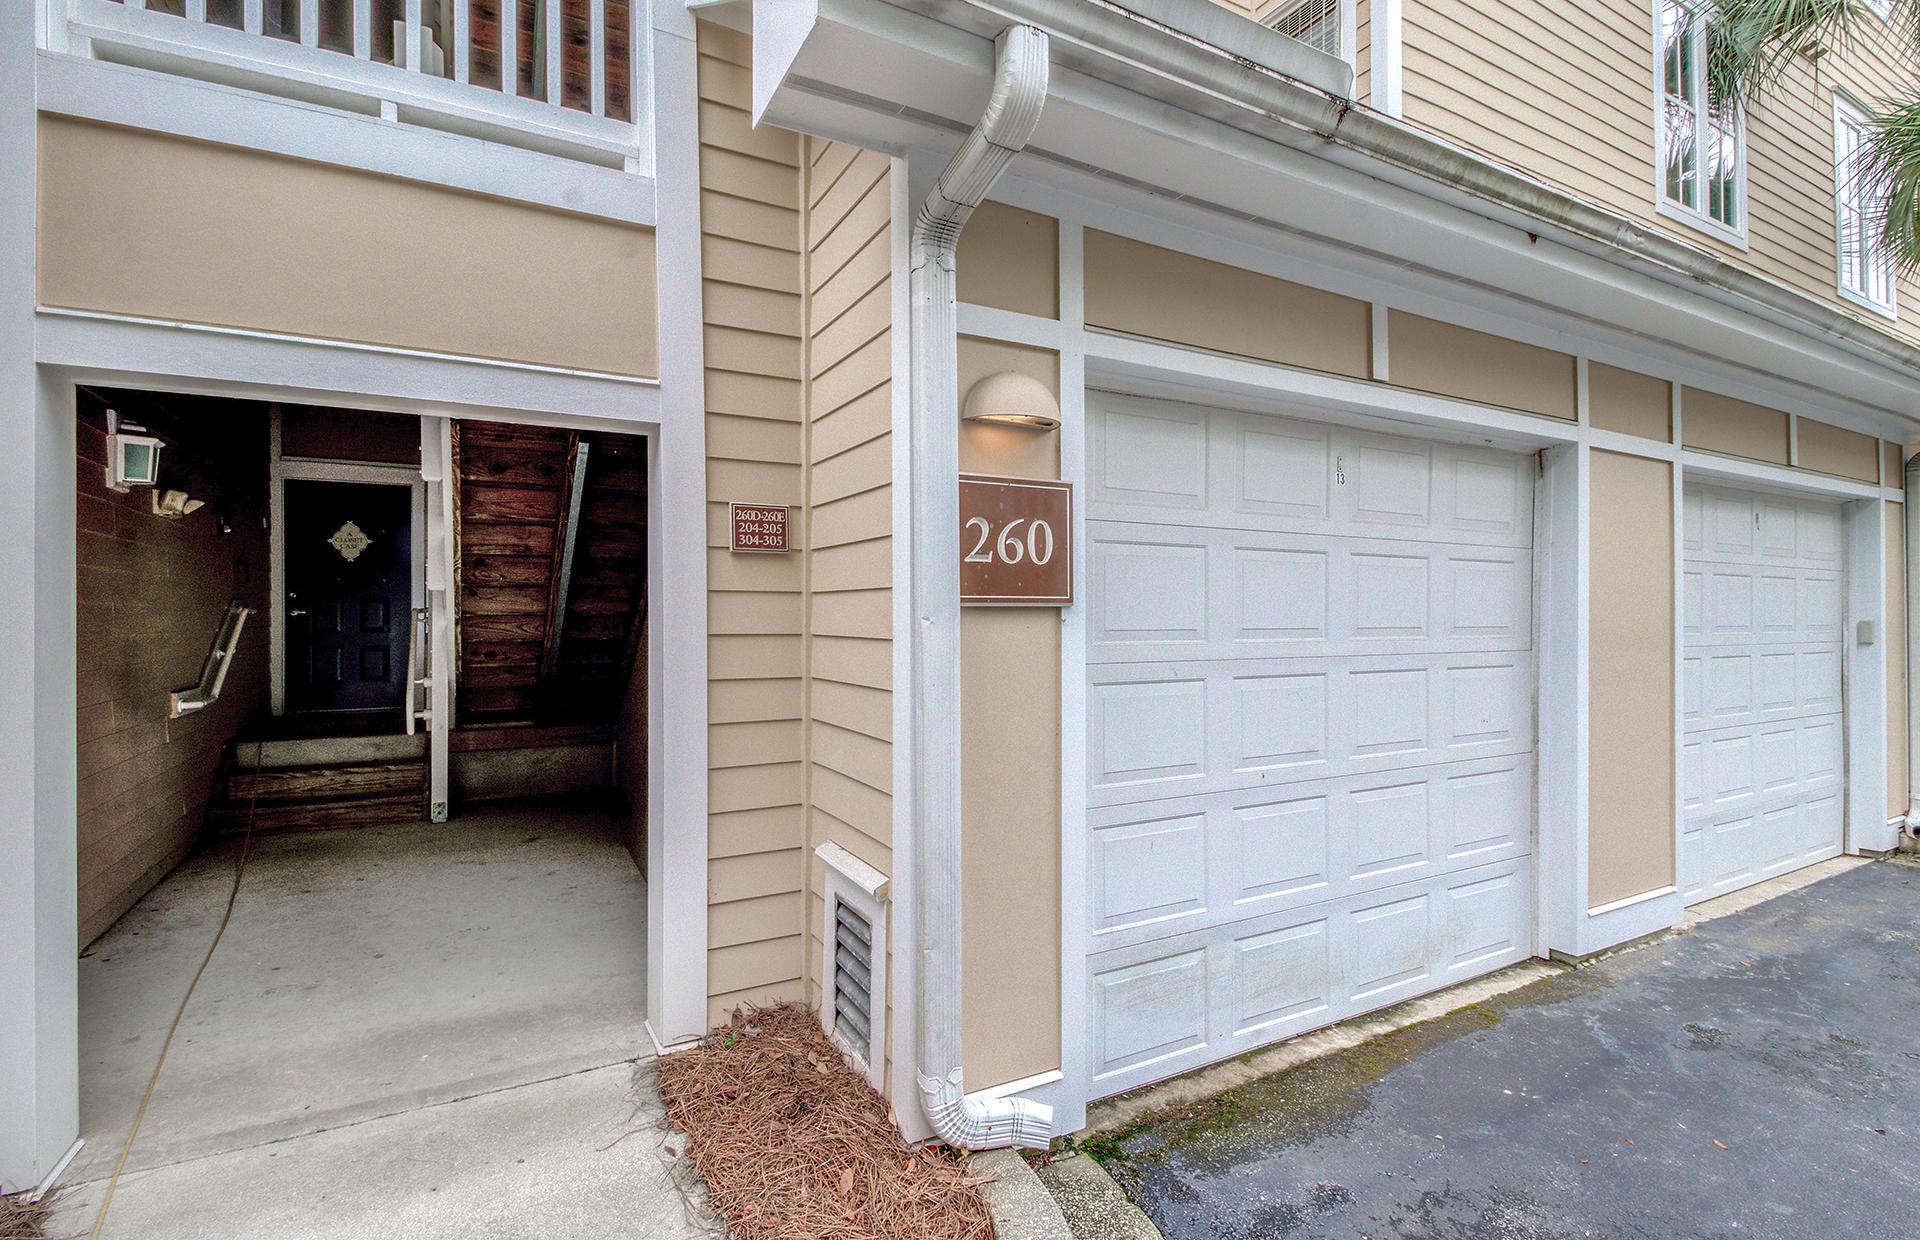 254 Seven Farms Drive Homes For Sale - 260 Seven Farms, Charleston, SC - 23